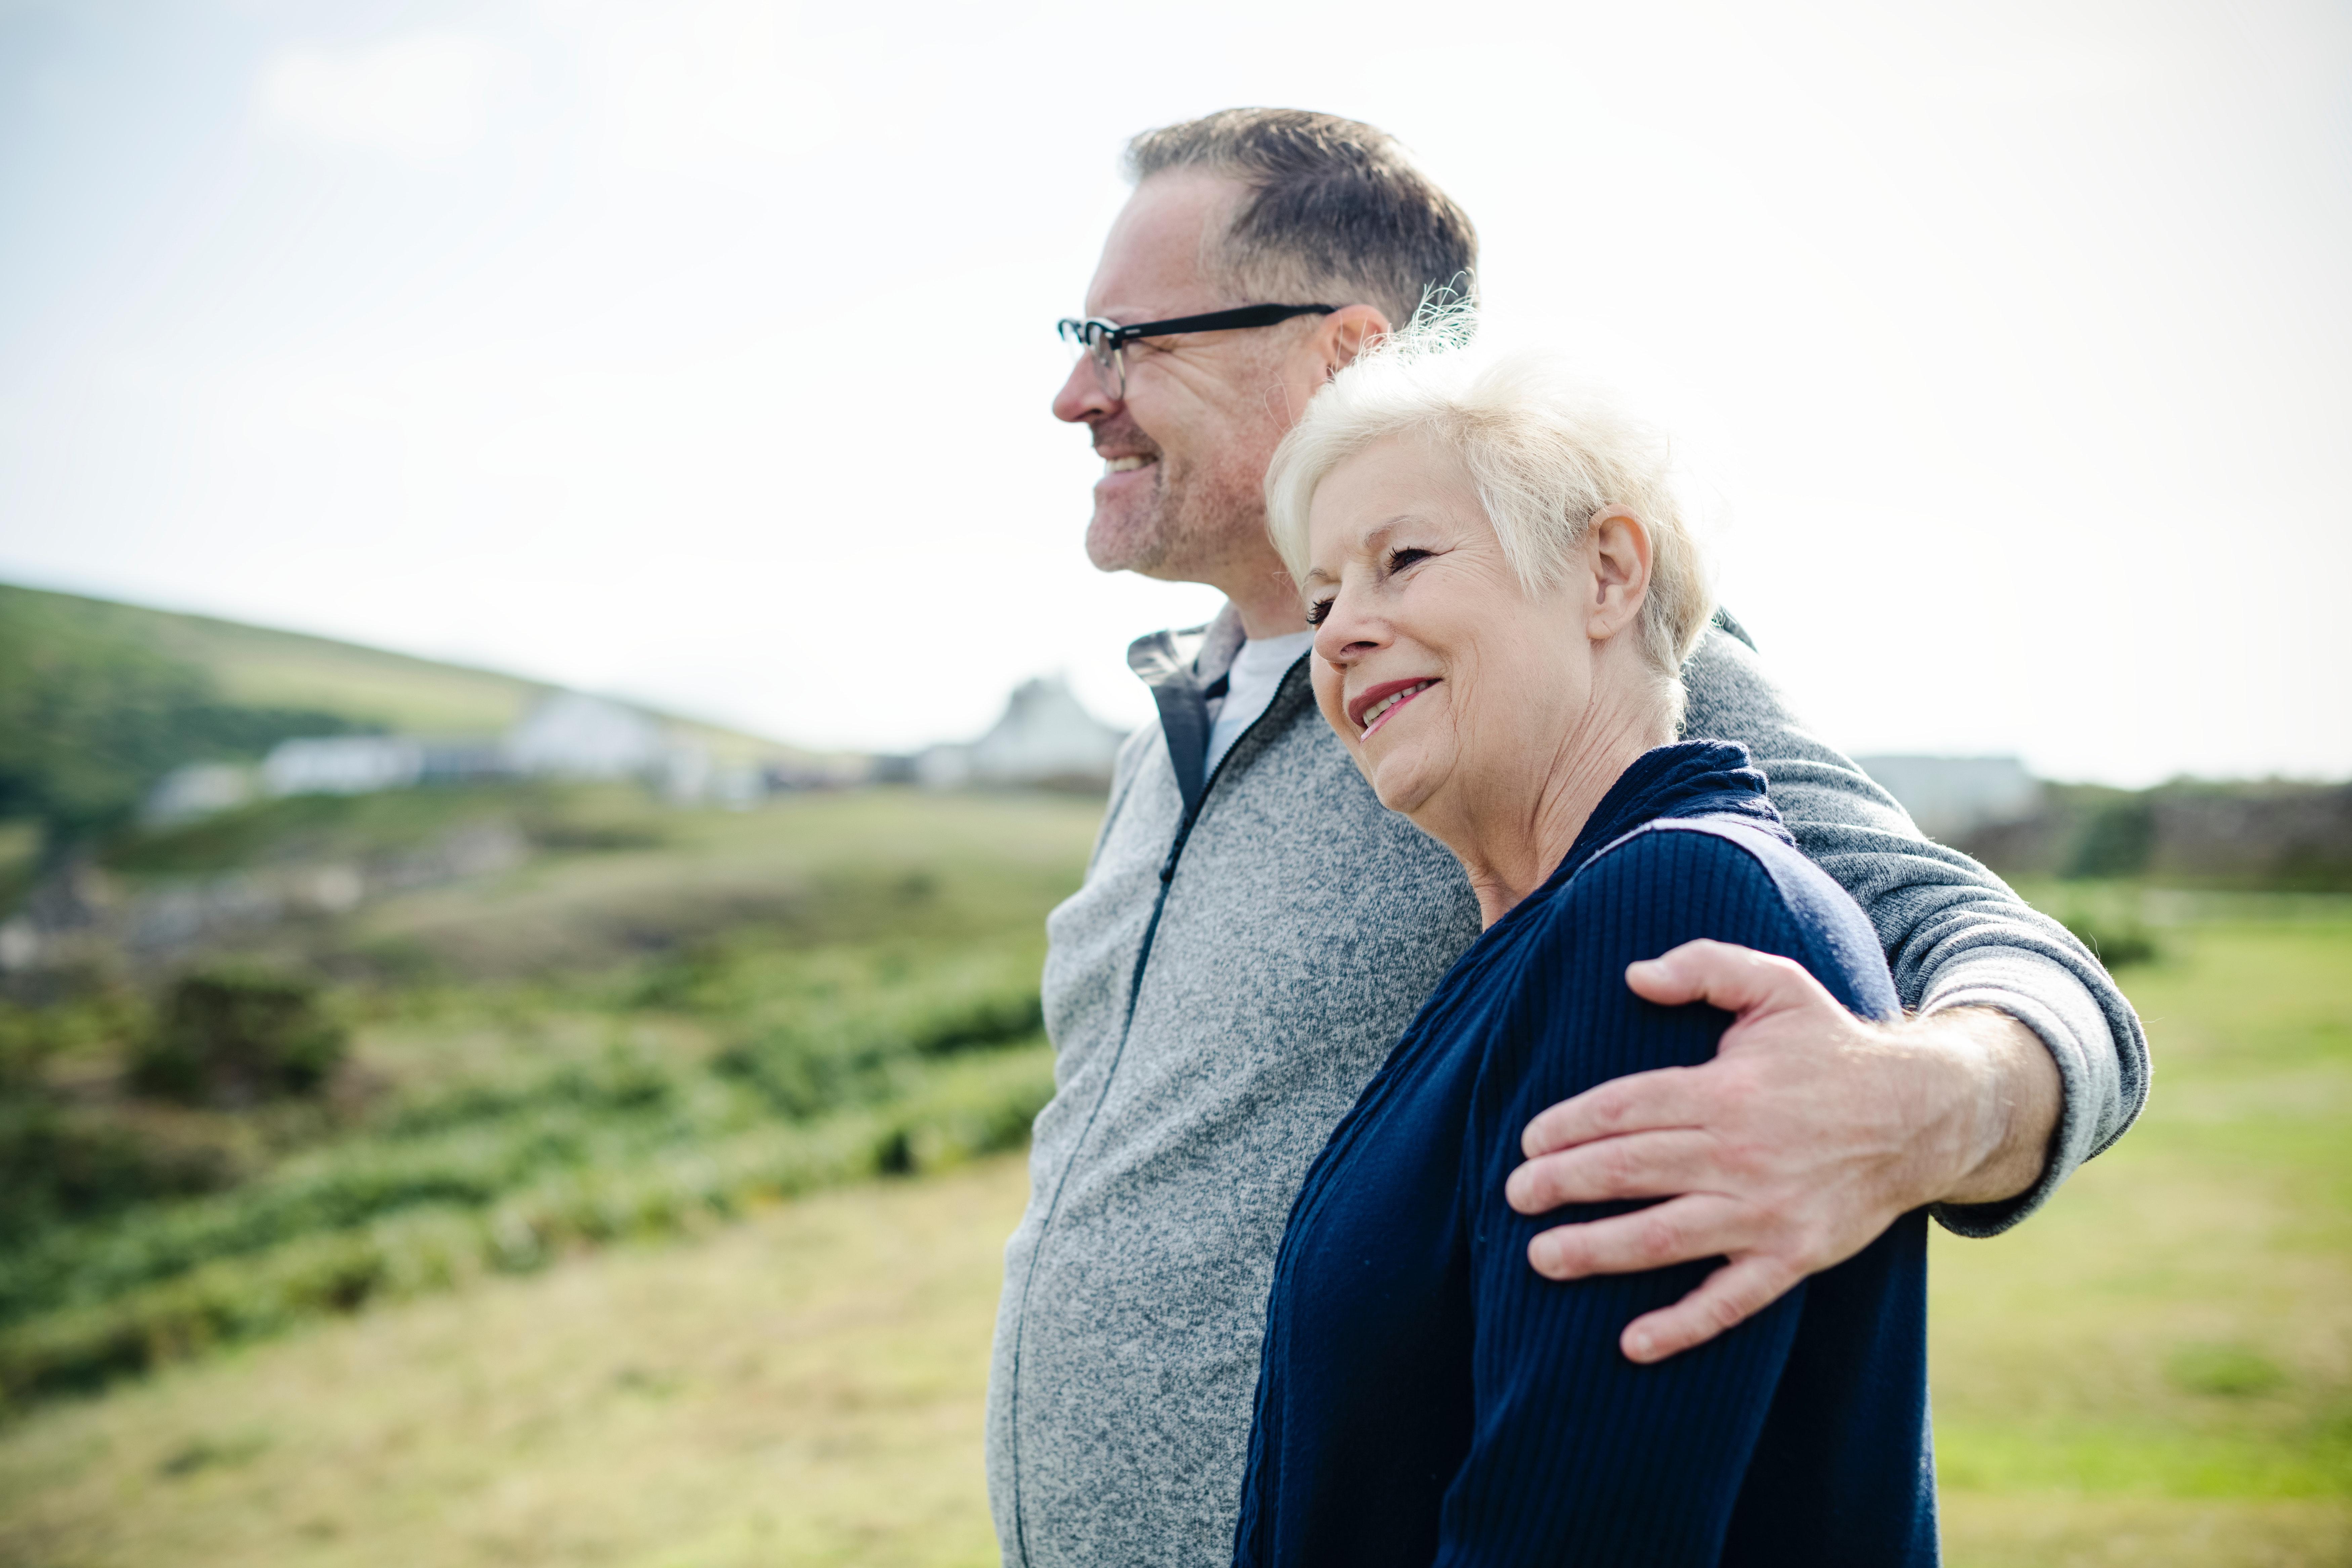 older couple hands over shoulder in embrace